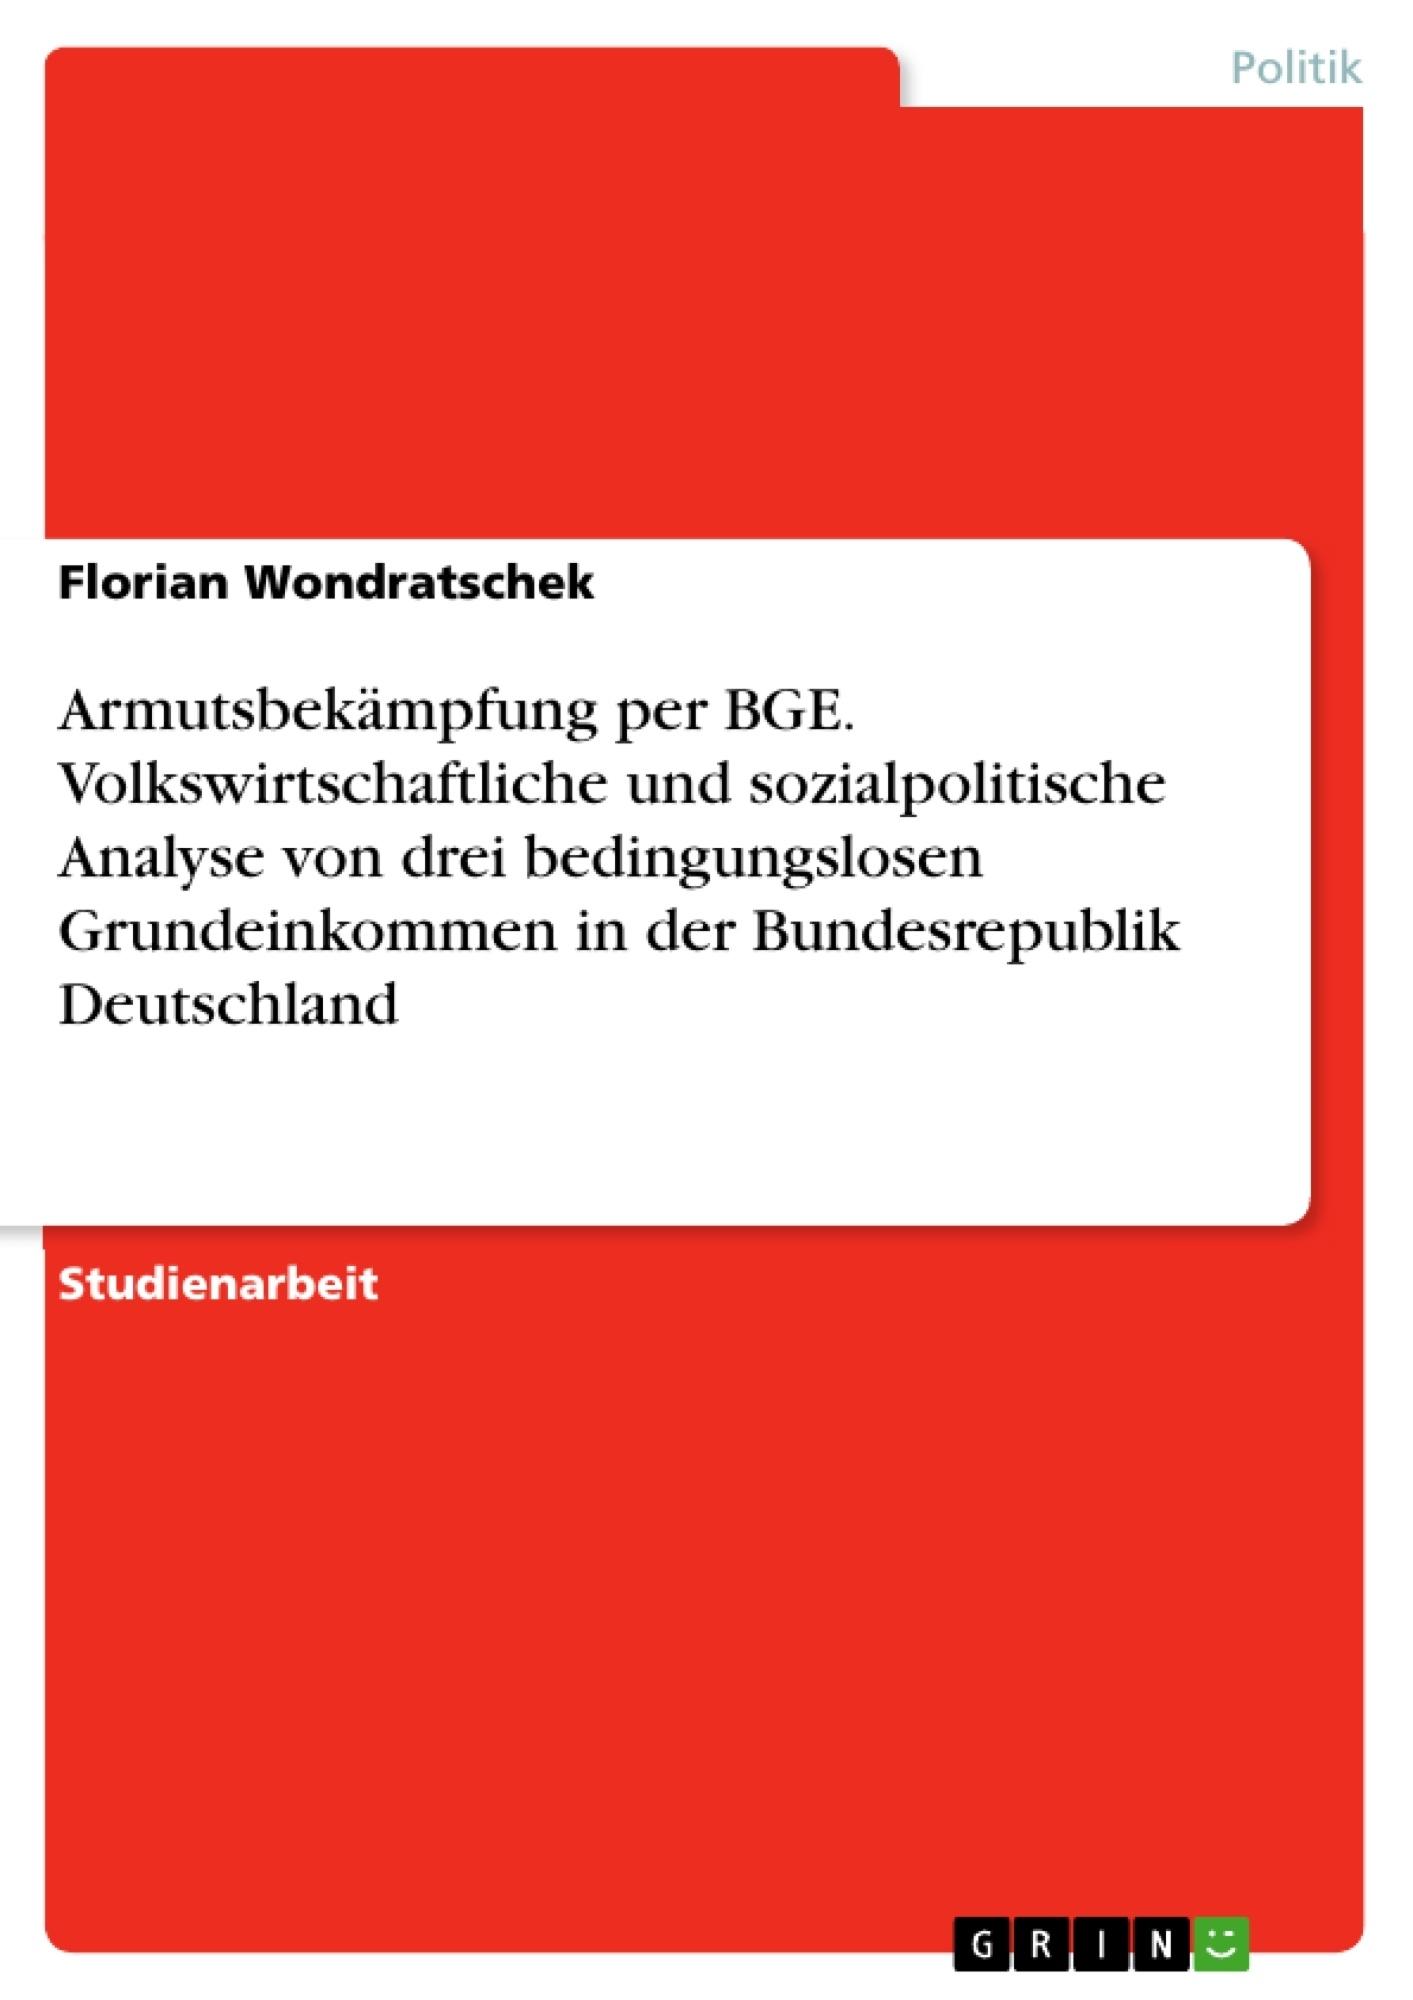 Titel: Armutsbekämpfung per BGE. Volkswirtschaftliche und sozialpolitische Analyse von drei bedingungslosen Grundeinkommen in der Bundesrepublik Deutschland